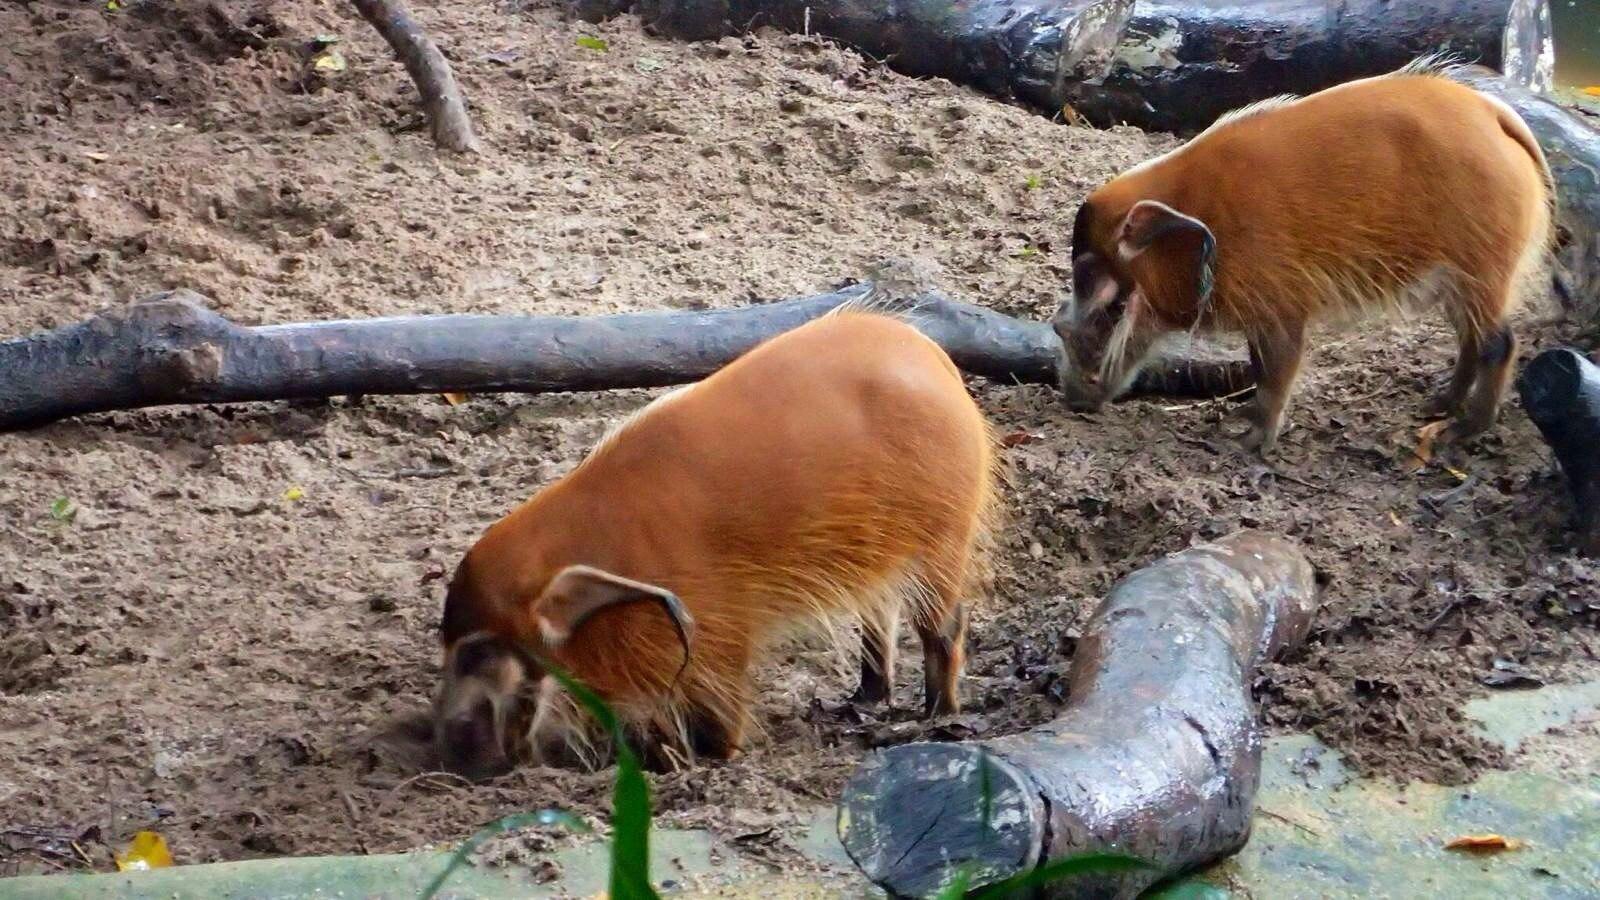 被誉为全世界最有特色的动物园之一.完全没有用栏杆哦!